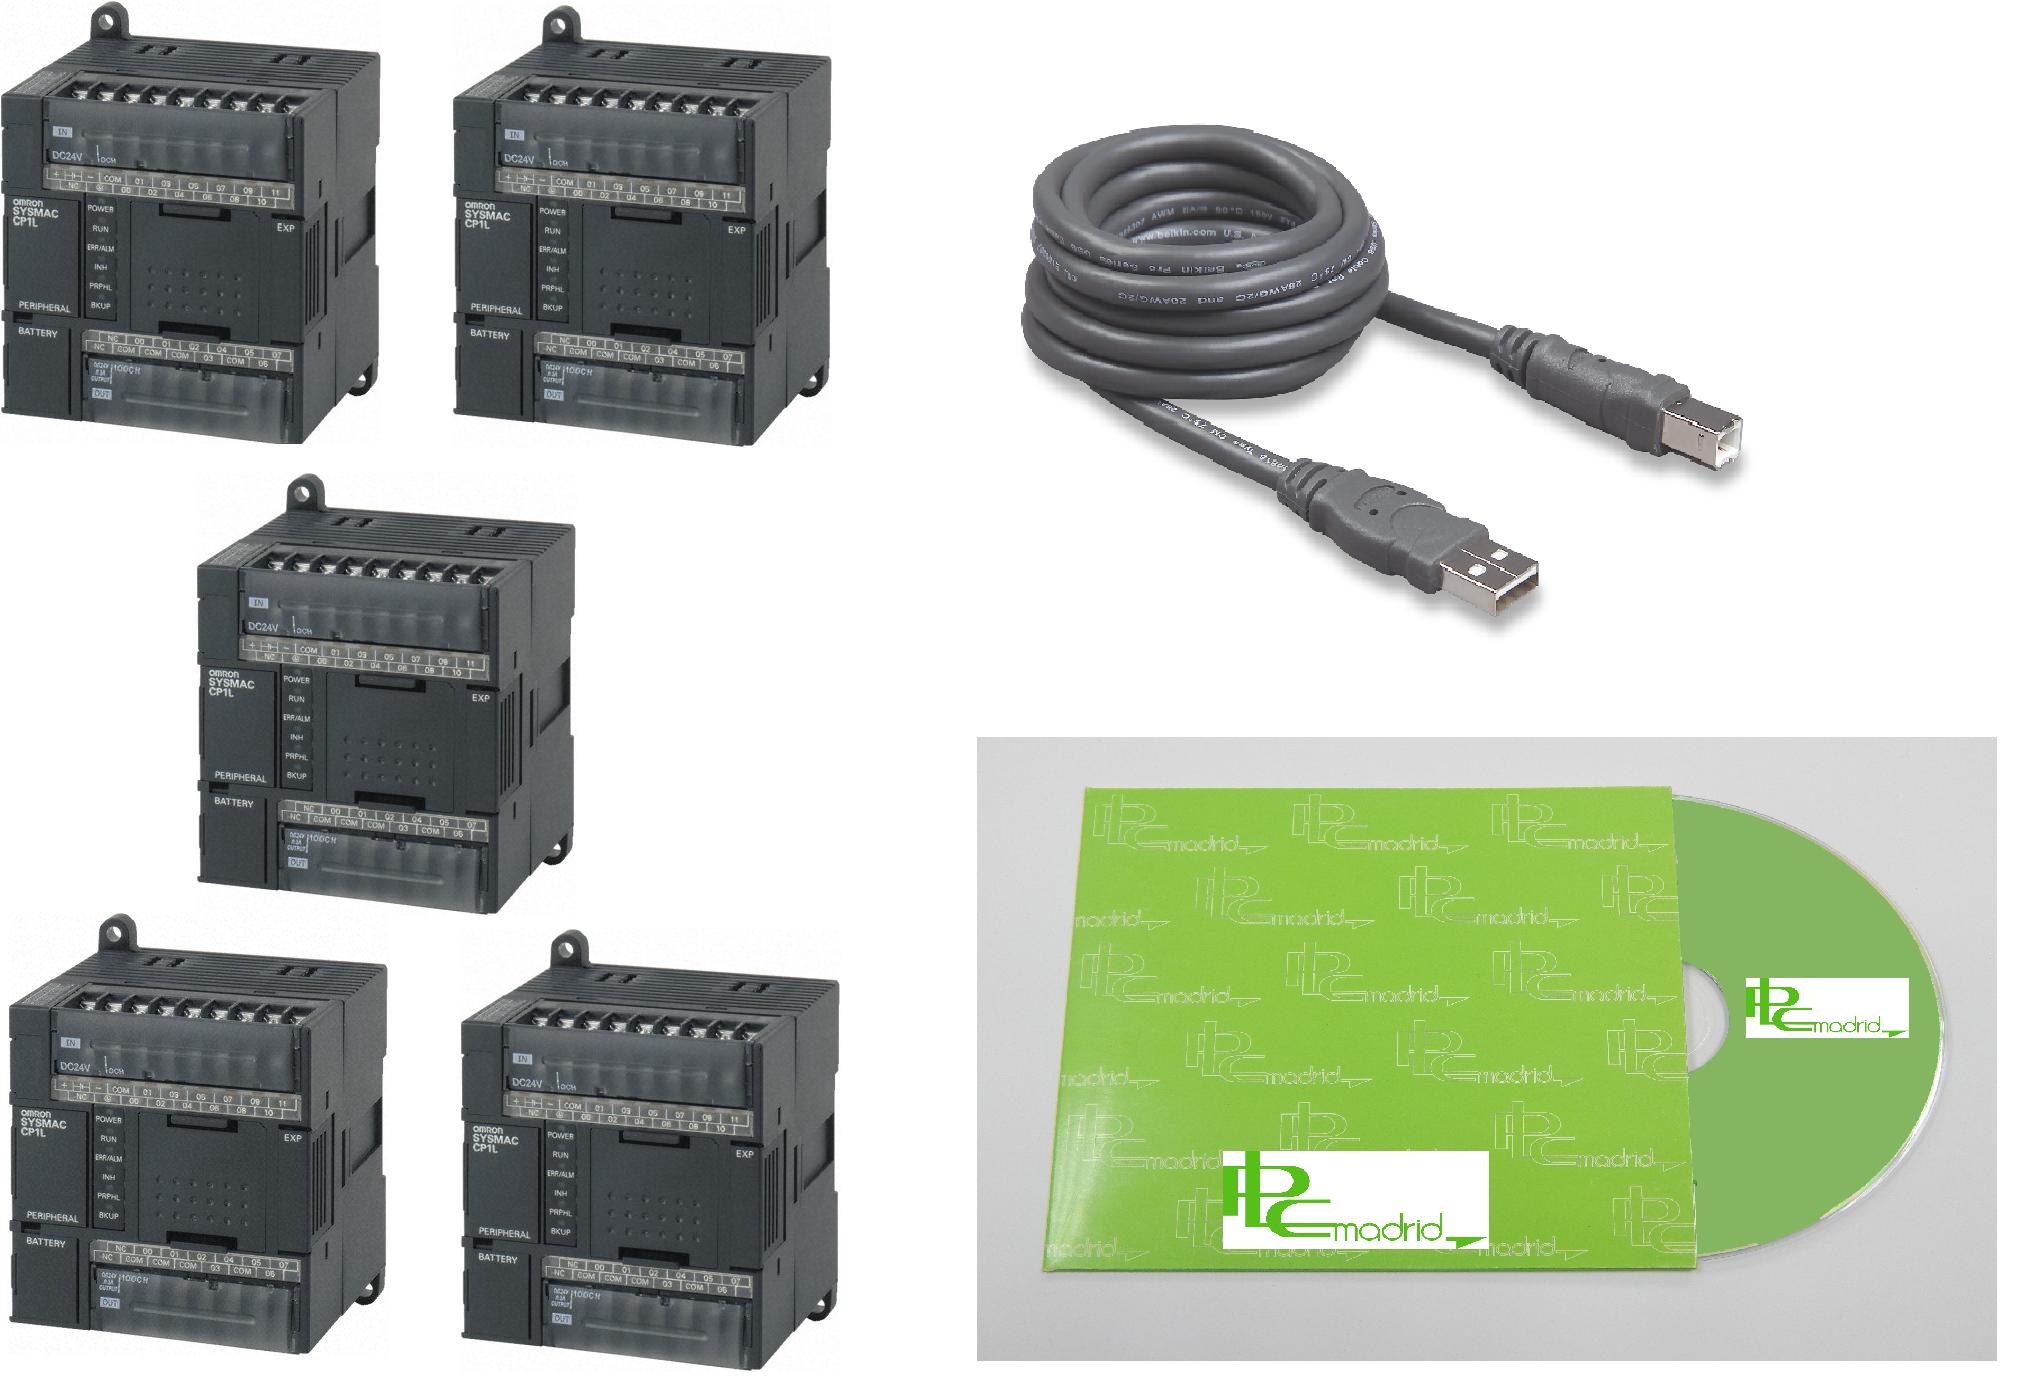 Autómata CP1L-L14DR-A(5 unidades) + Cable conexión PC + CD Formación